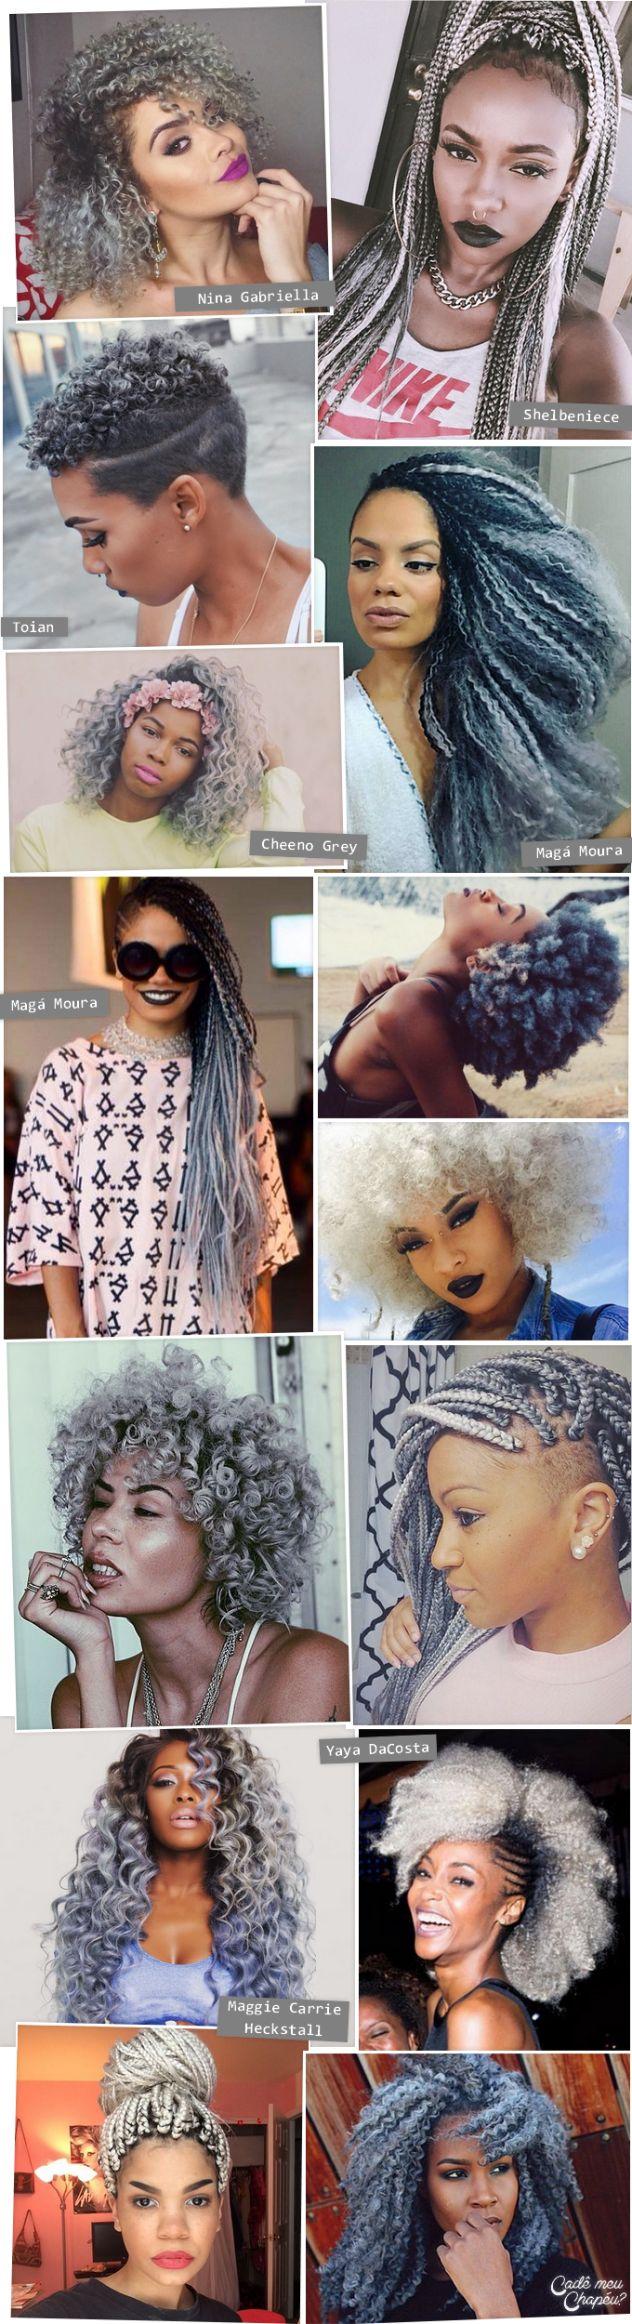 Afro Granny Hair | Silver Hair | Grey Hair | Cabelo cinza | Cabelo prateado | Cabelo crespo | Cabelo cacheado | http://cademeuchapeu.com                                                                                                                                                                                 Mais